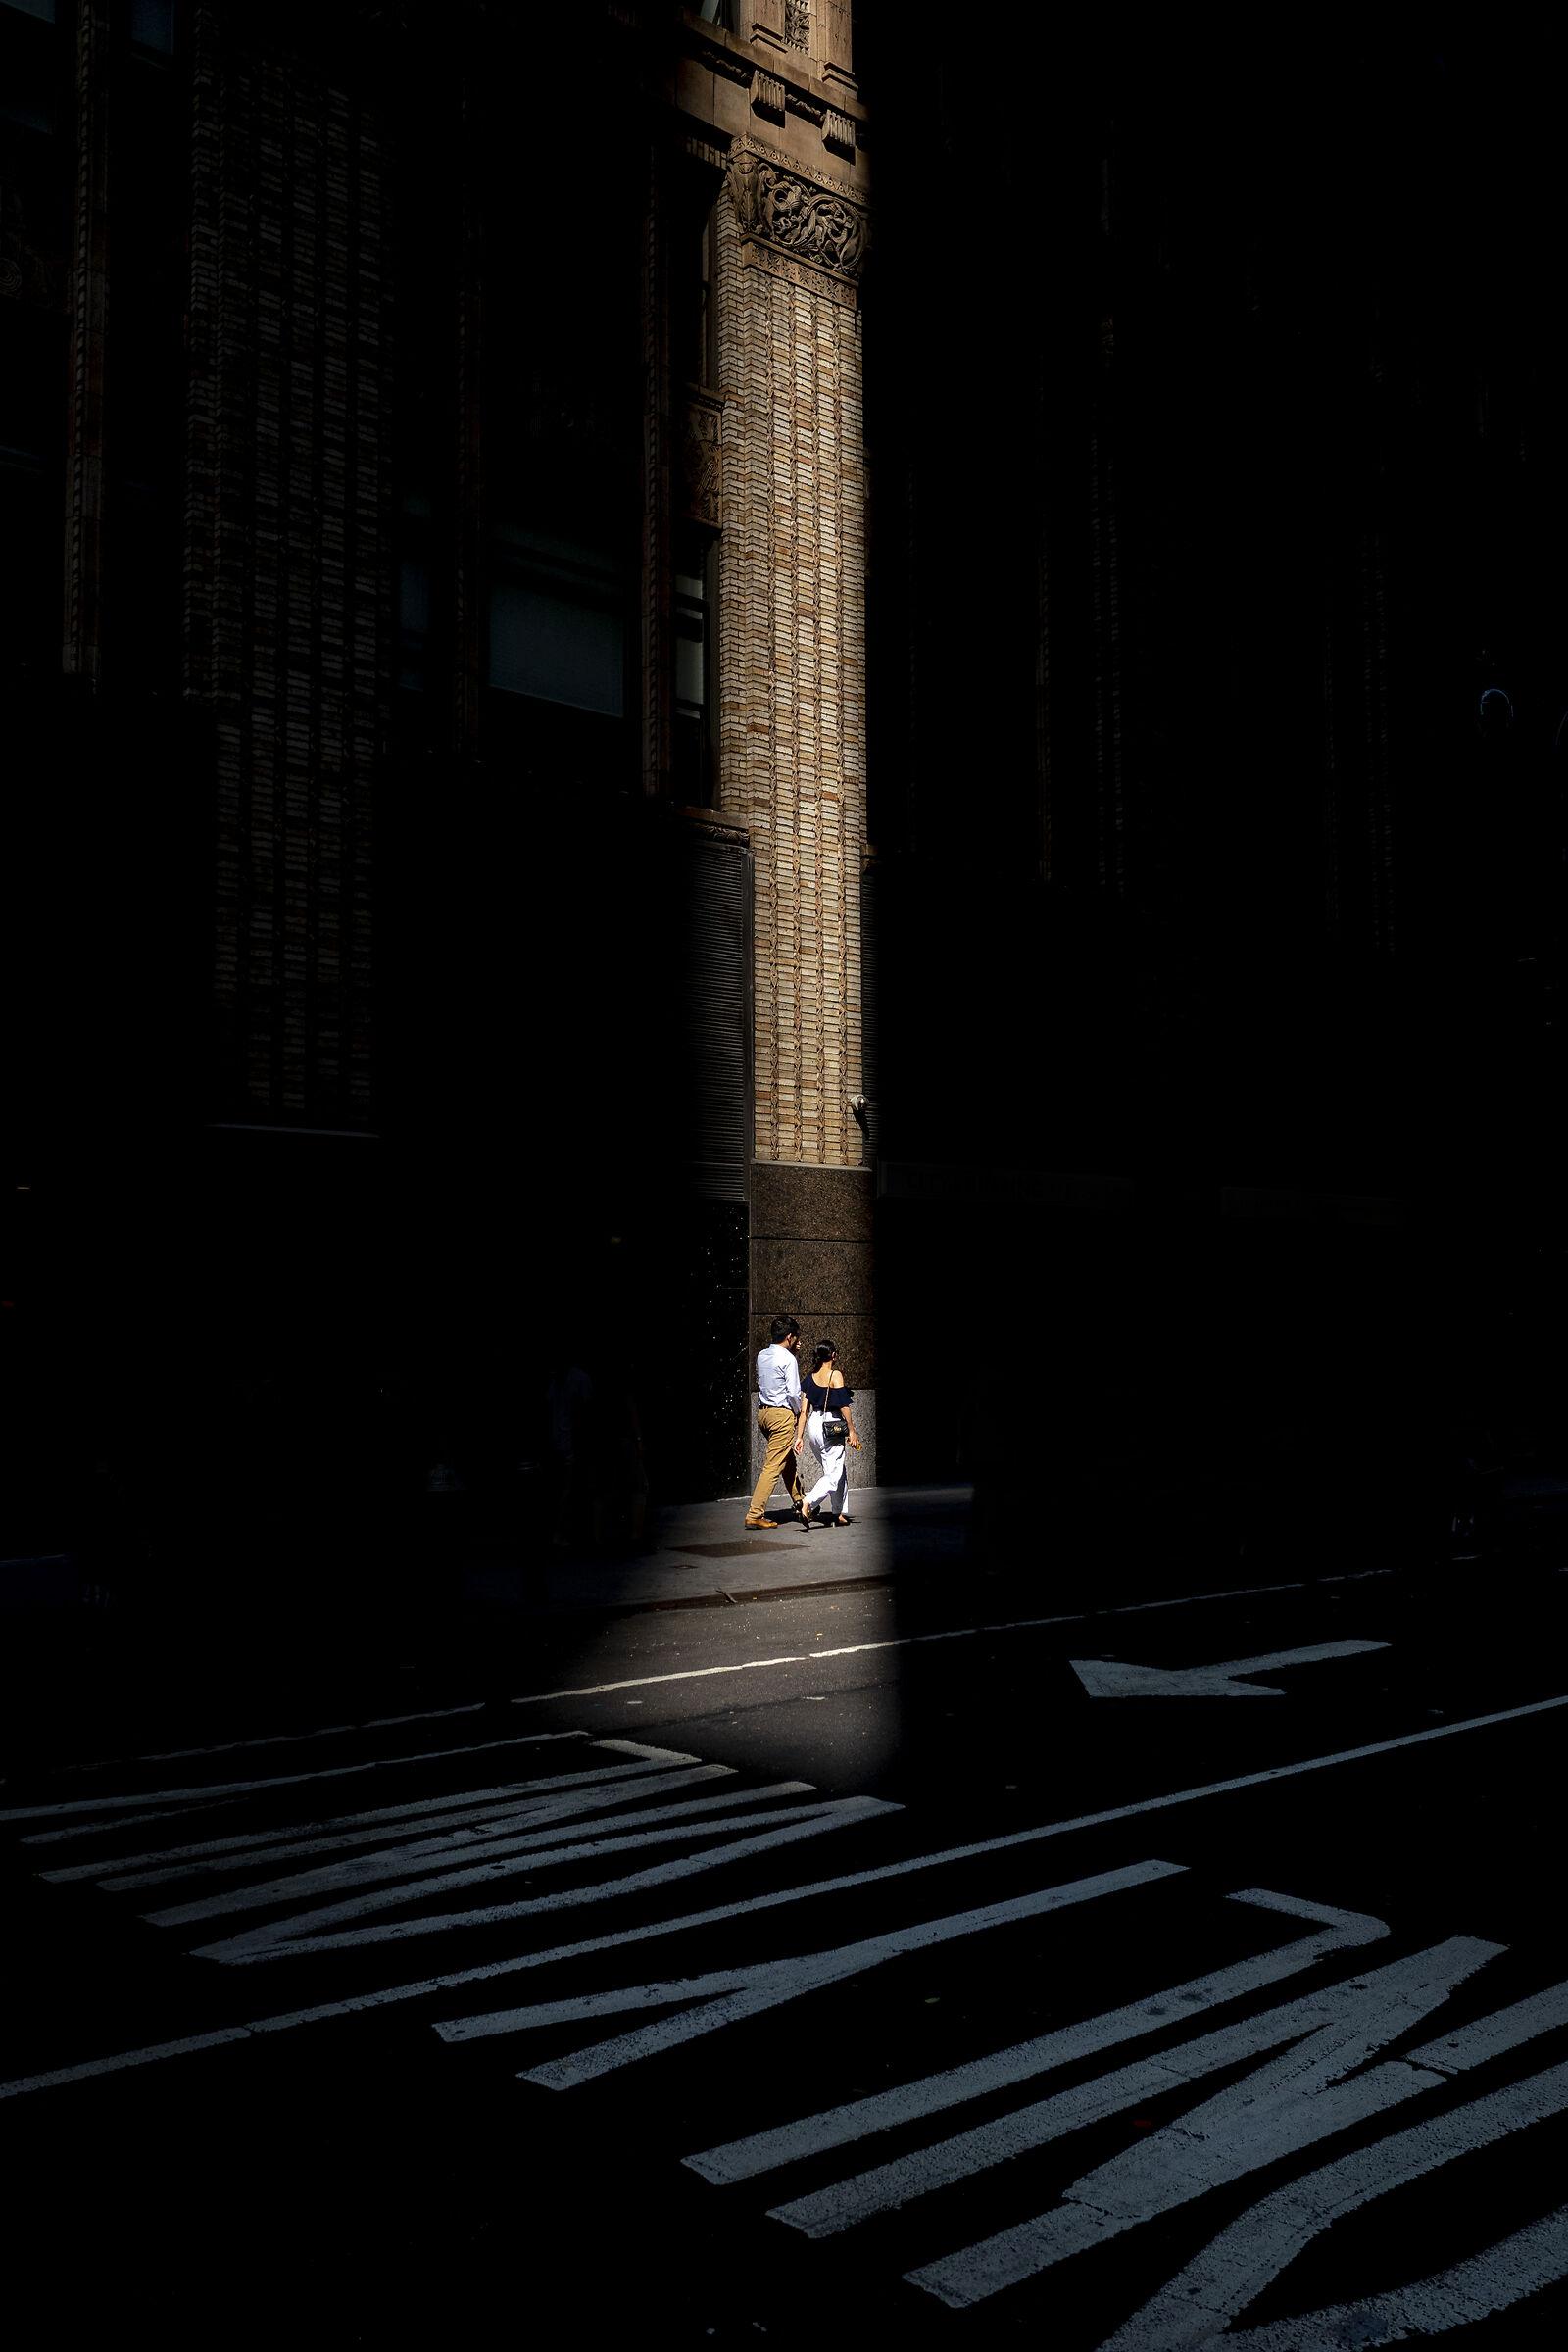 NY Street 004...